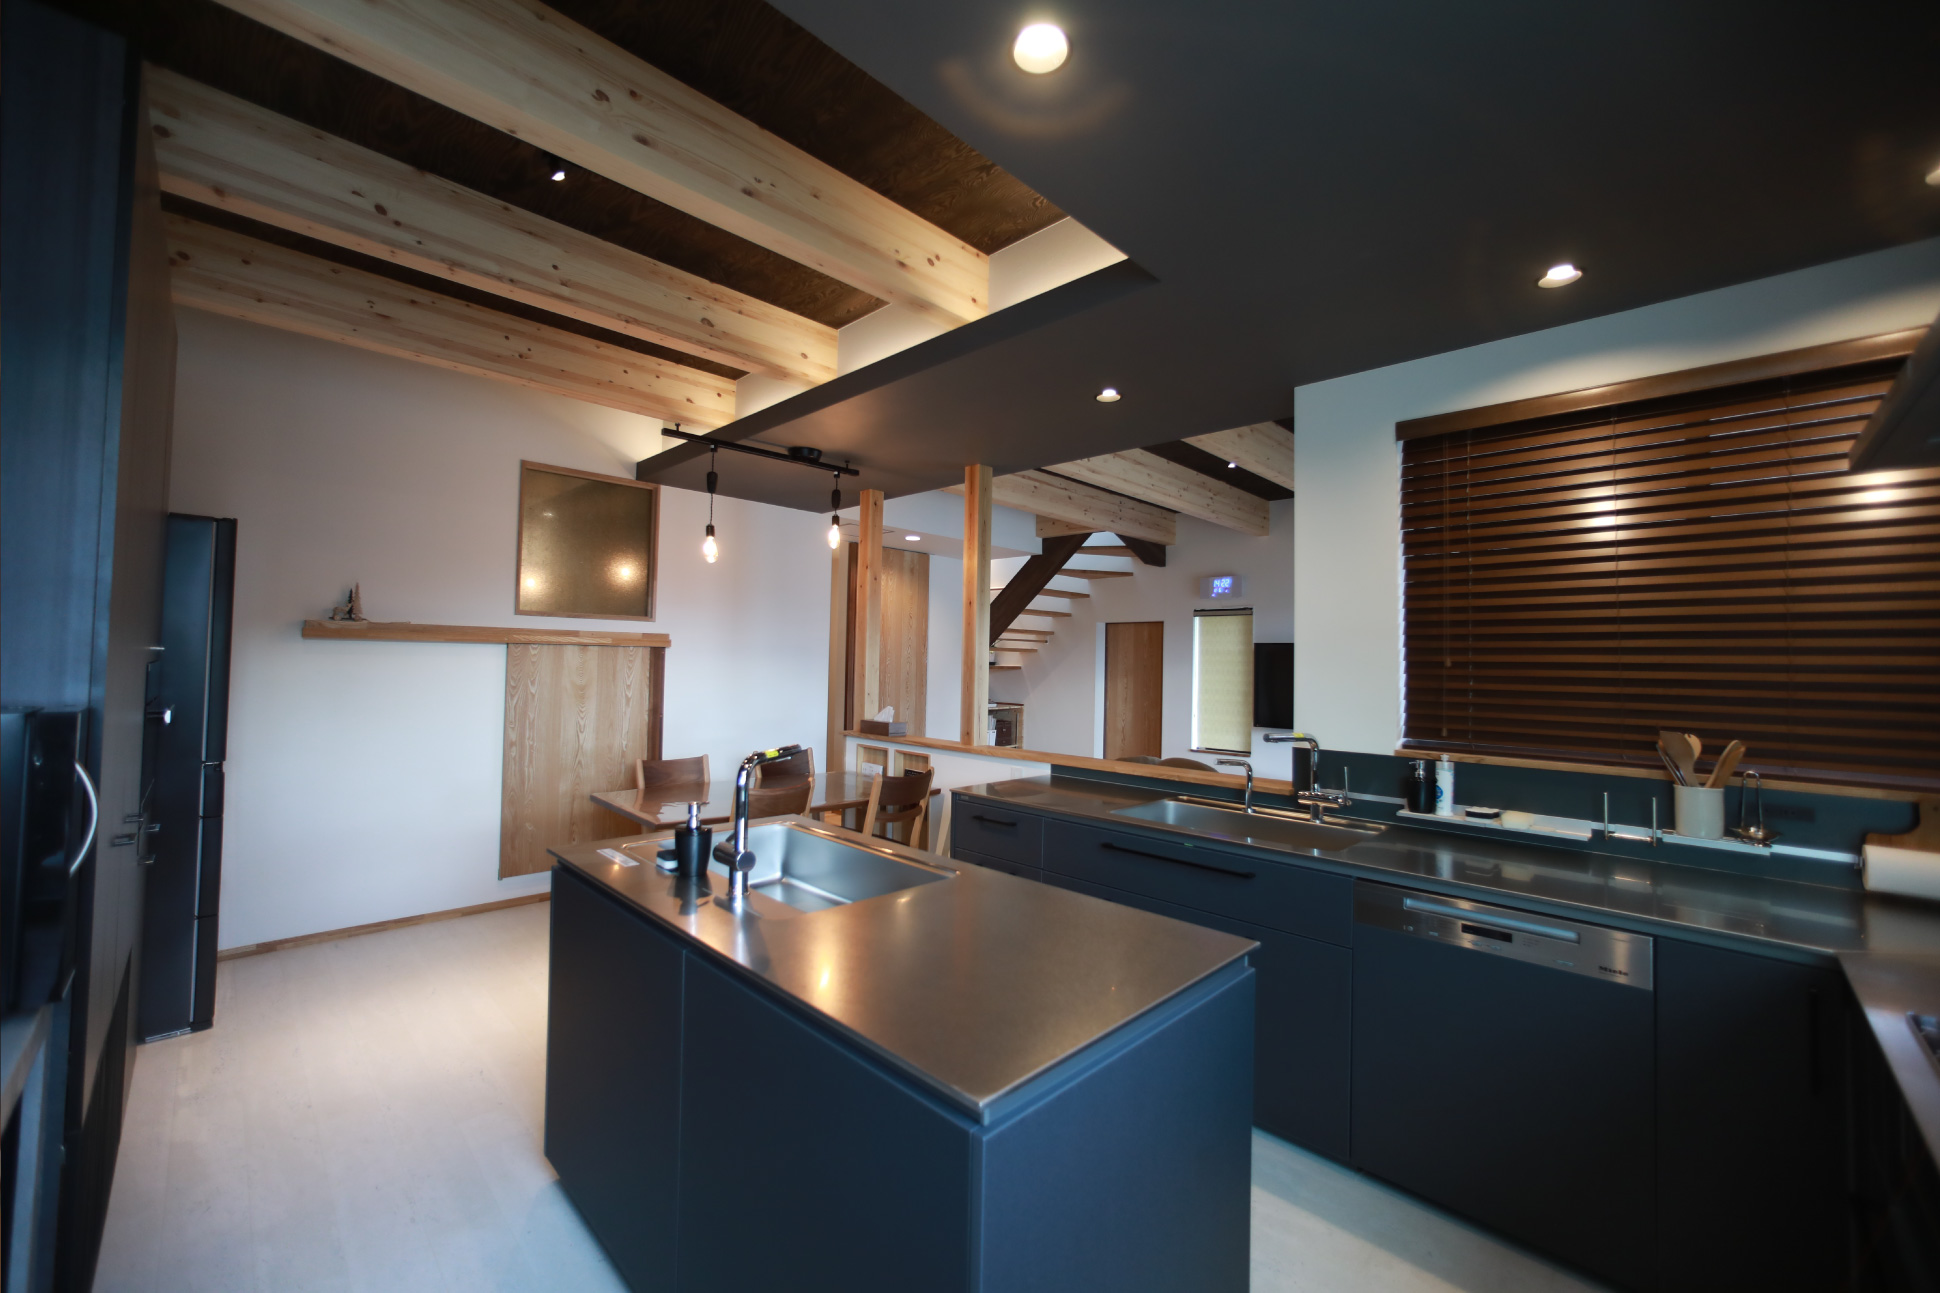 コの字型キッチン:君津市戸建て新築